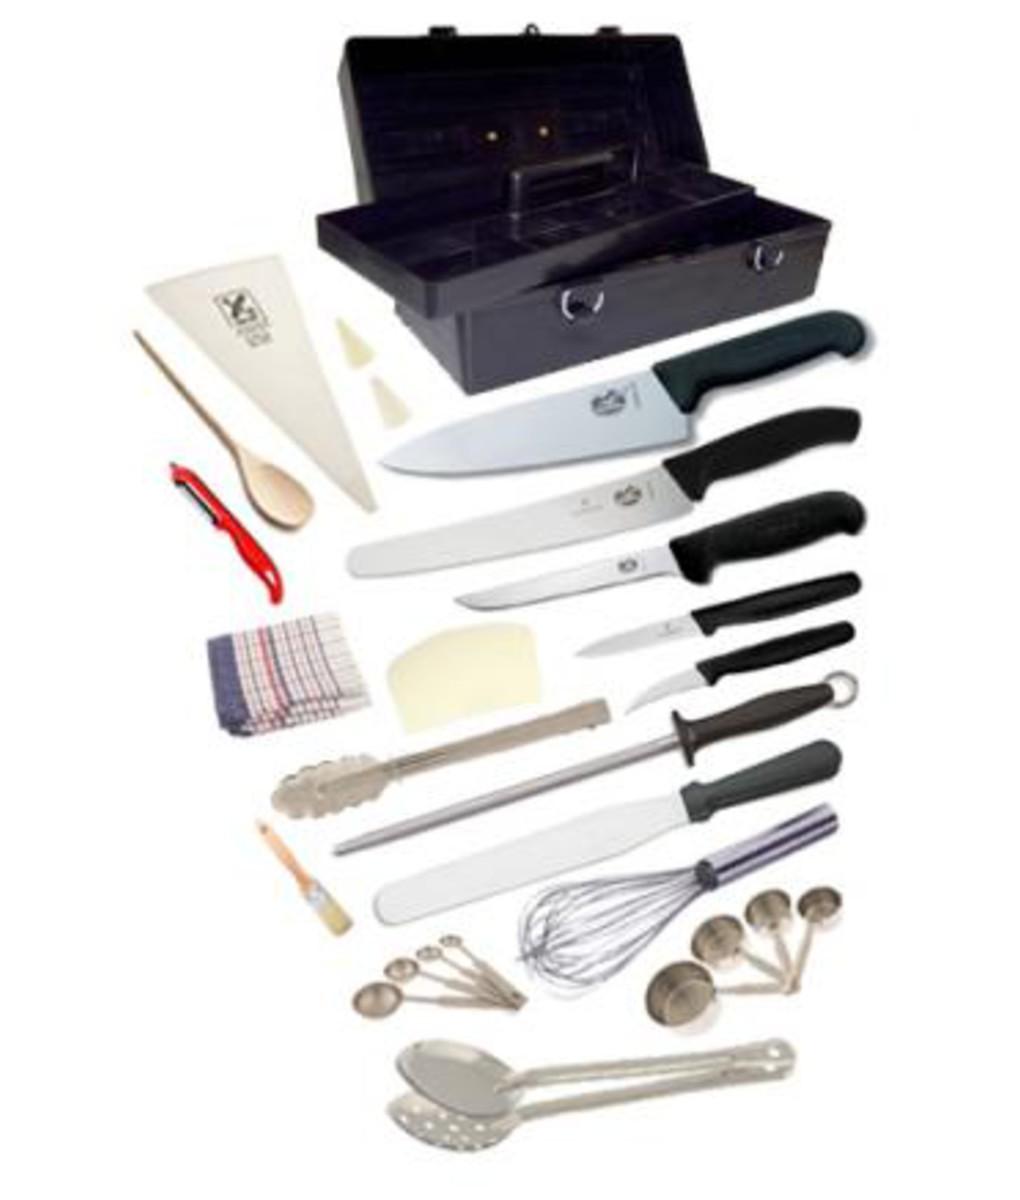 victorinox knife kit. Black Bedroom Furniture Sets. Home Design Ideas